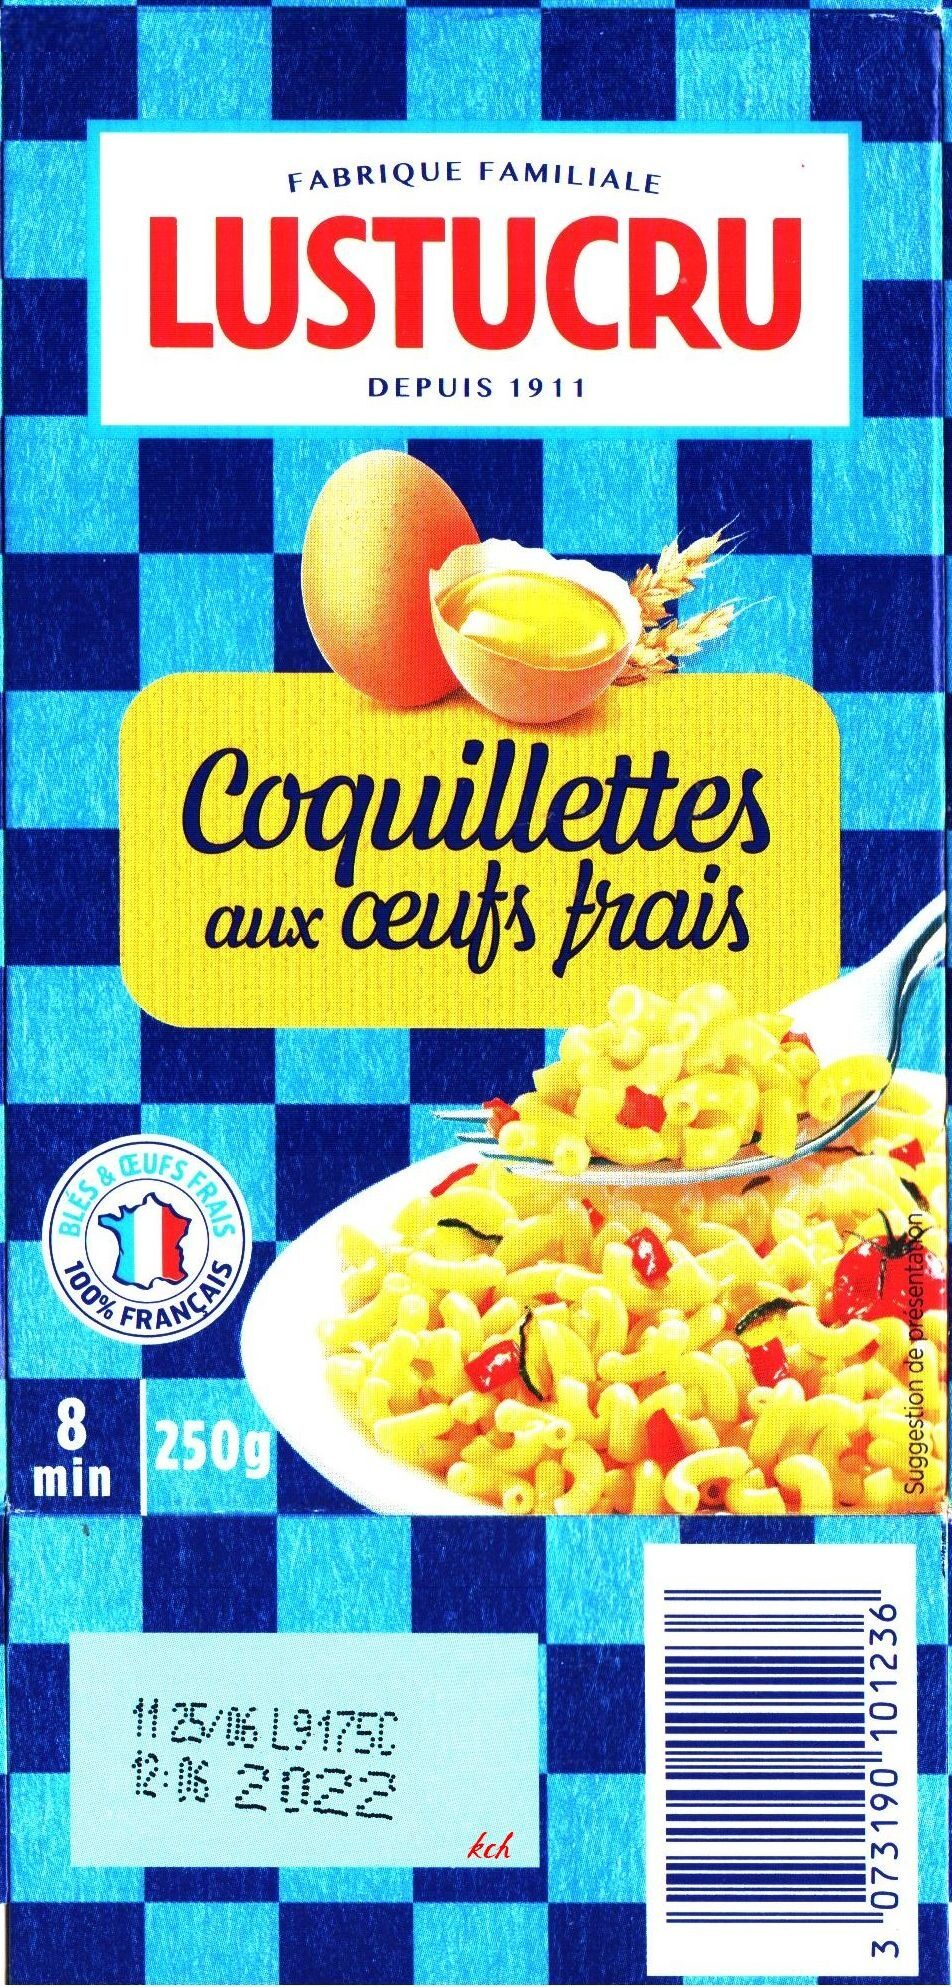 Coquillettes aux œufs frais - Product